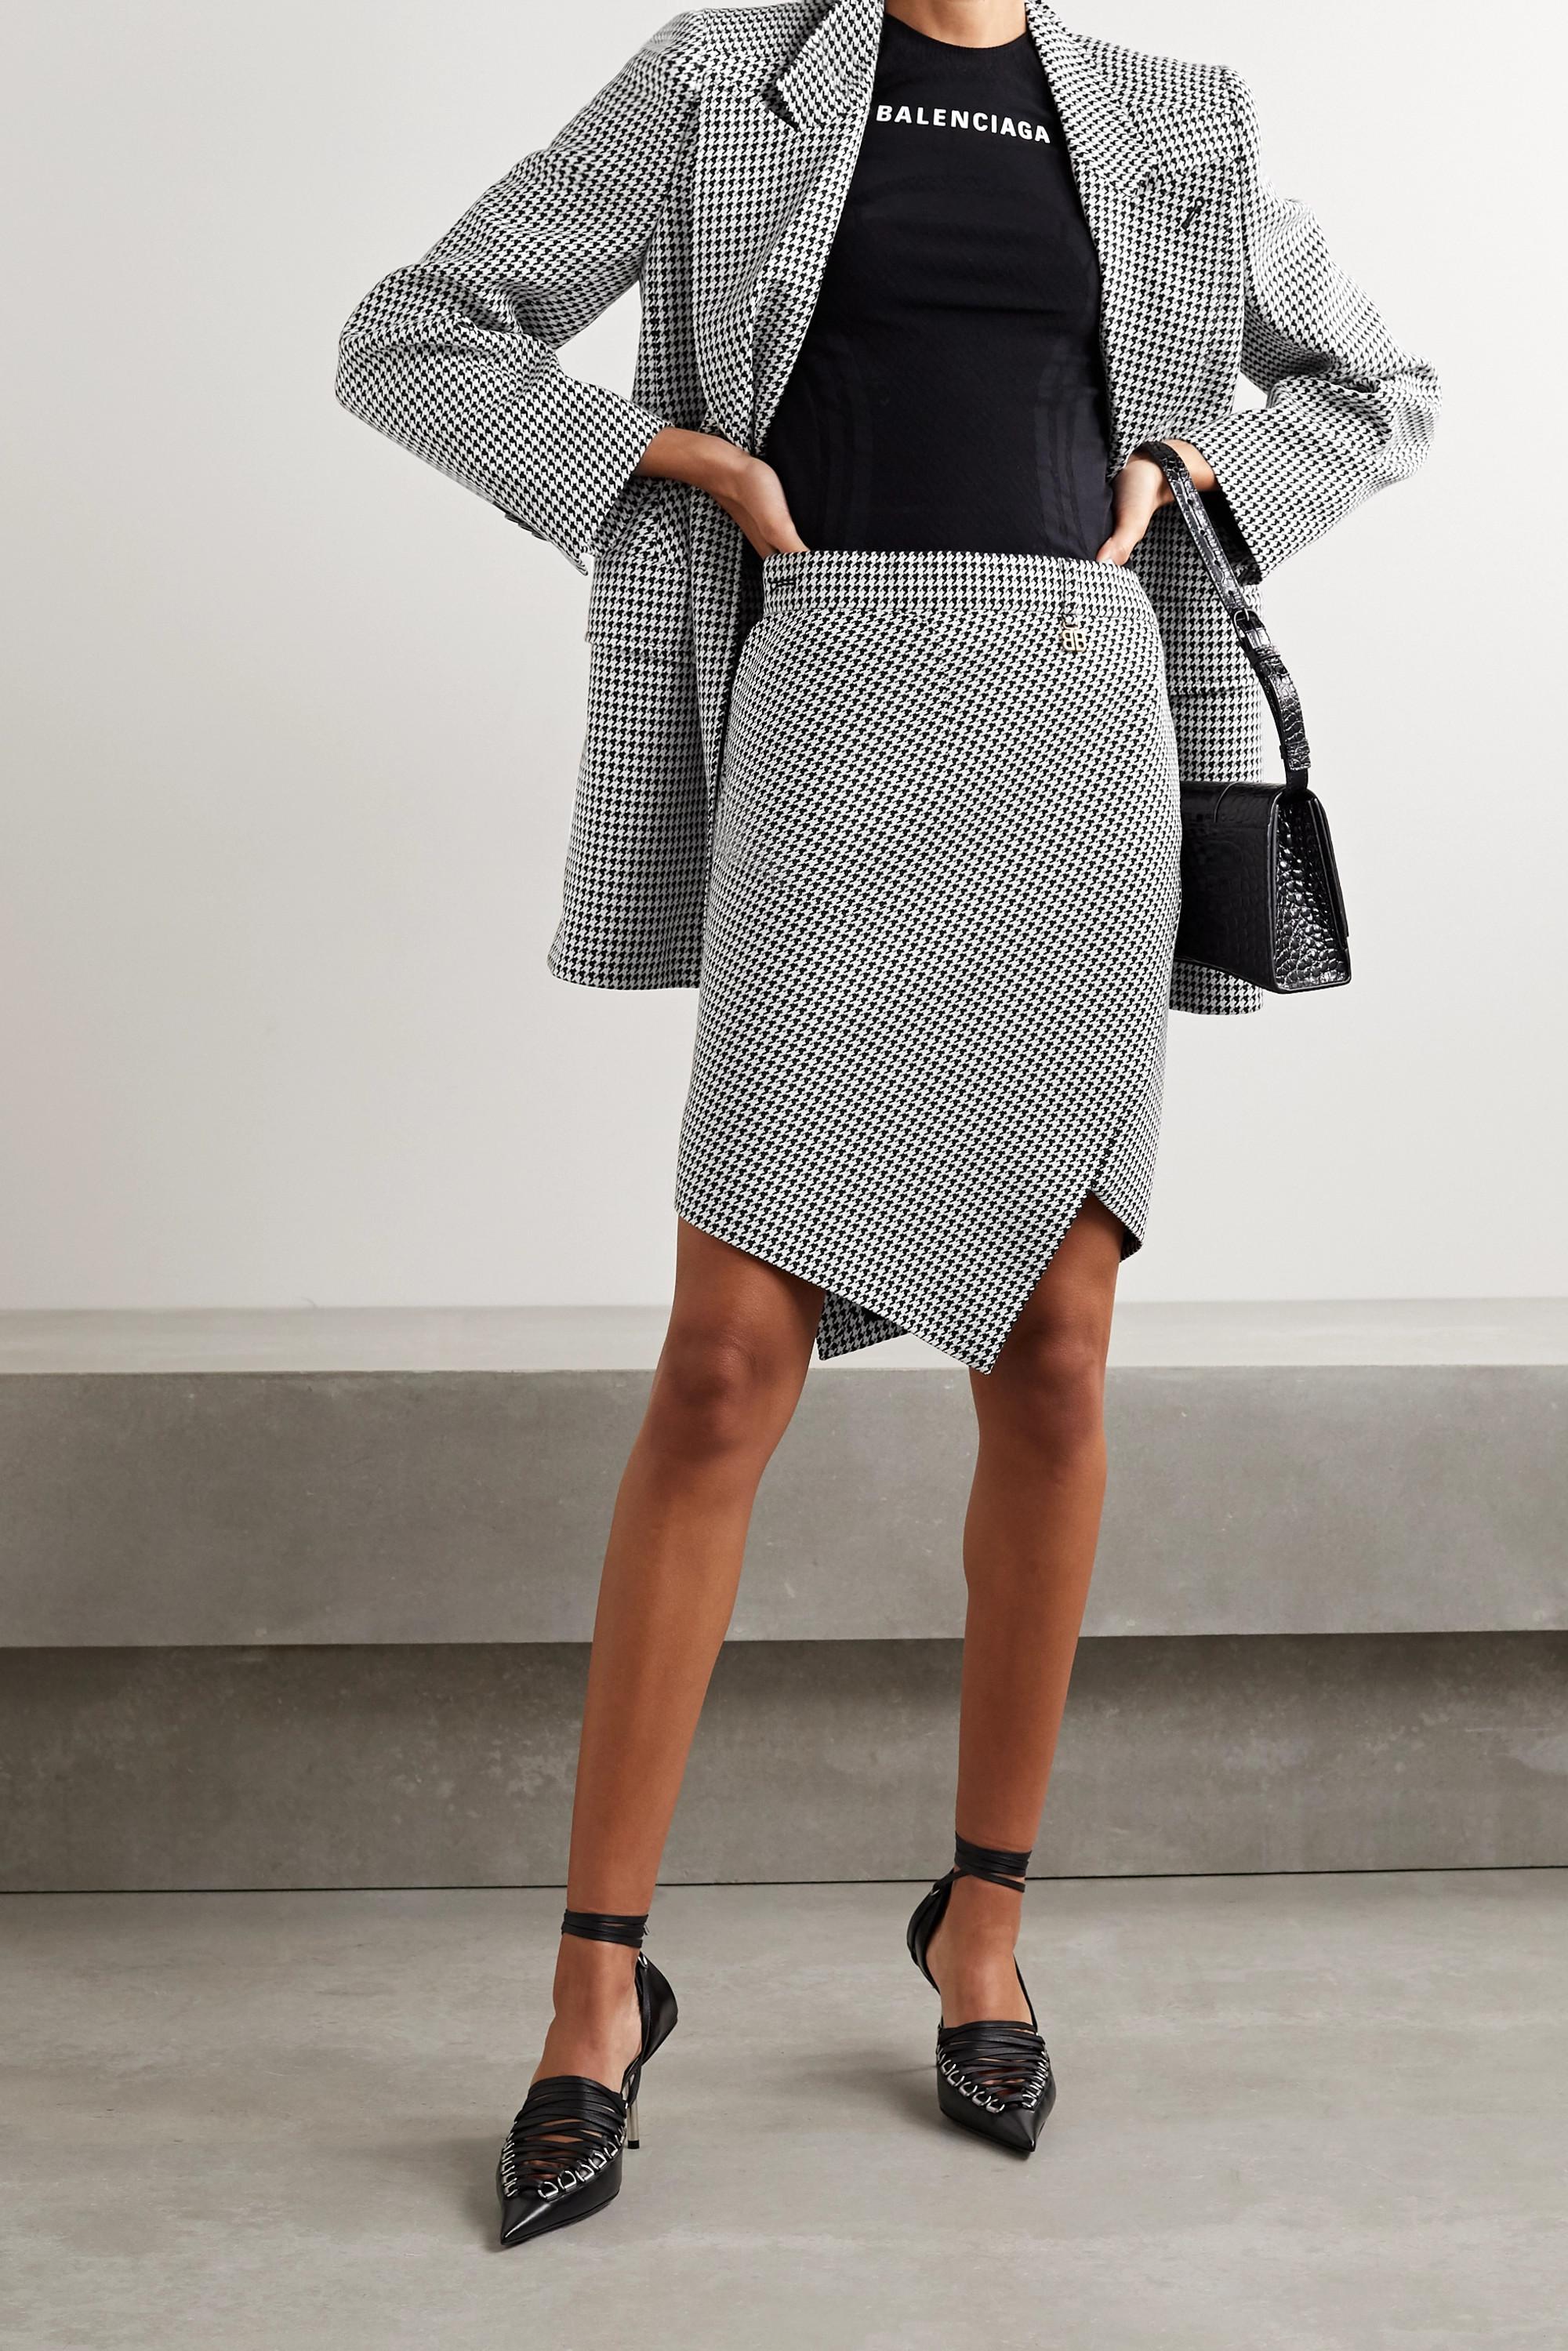 Balenciaga Asymmetrischer Rock aus einer Wollmischung mit Hahnentrittmuster